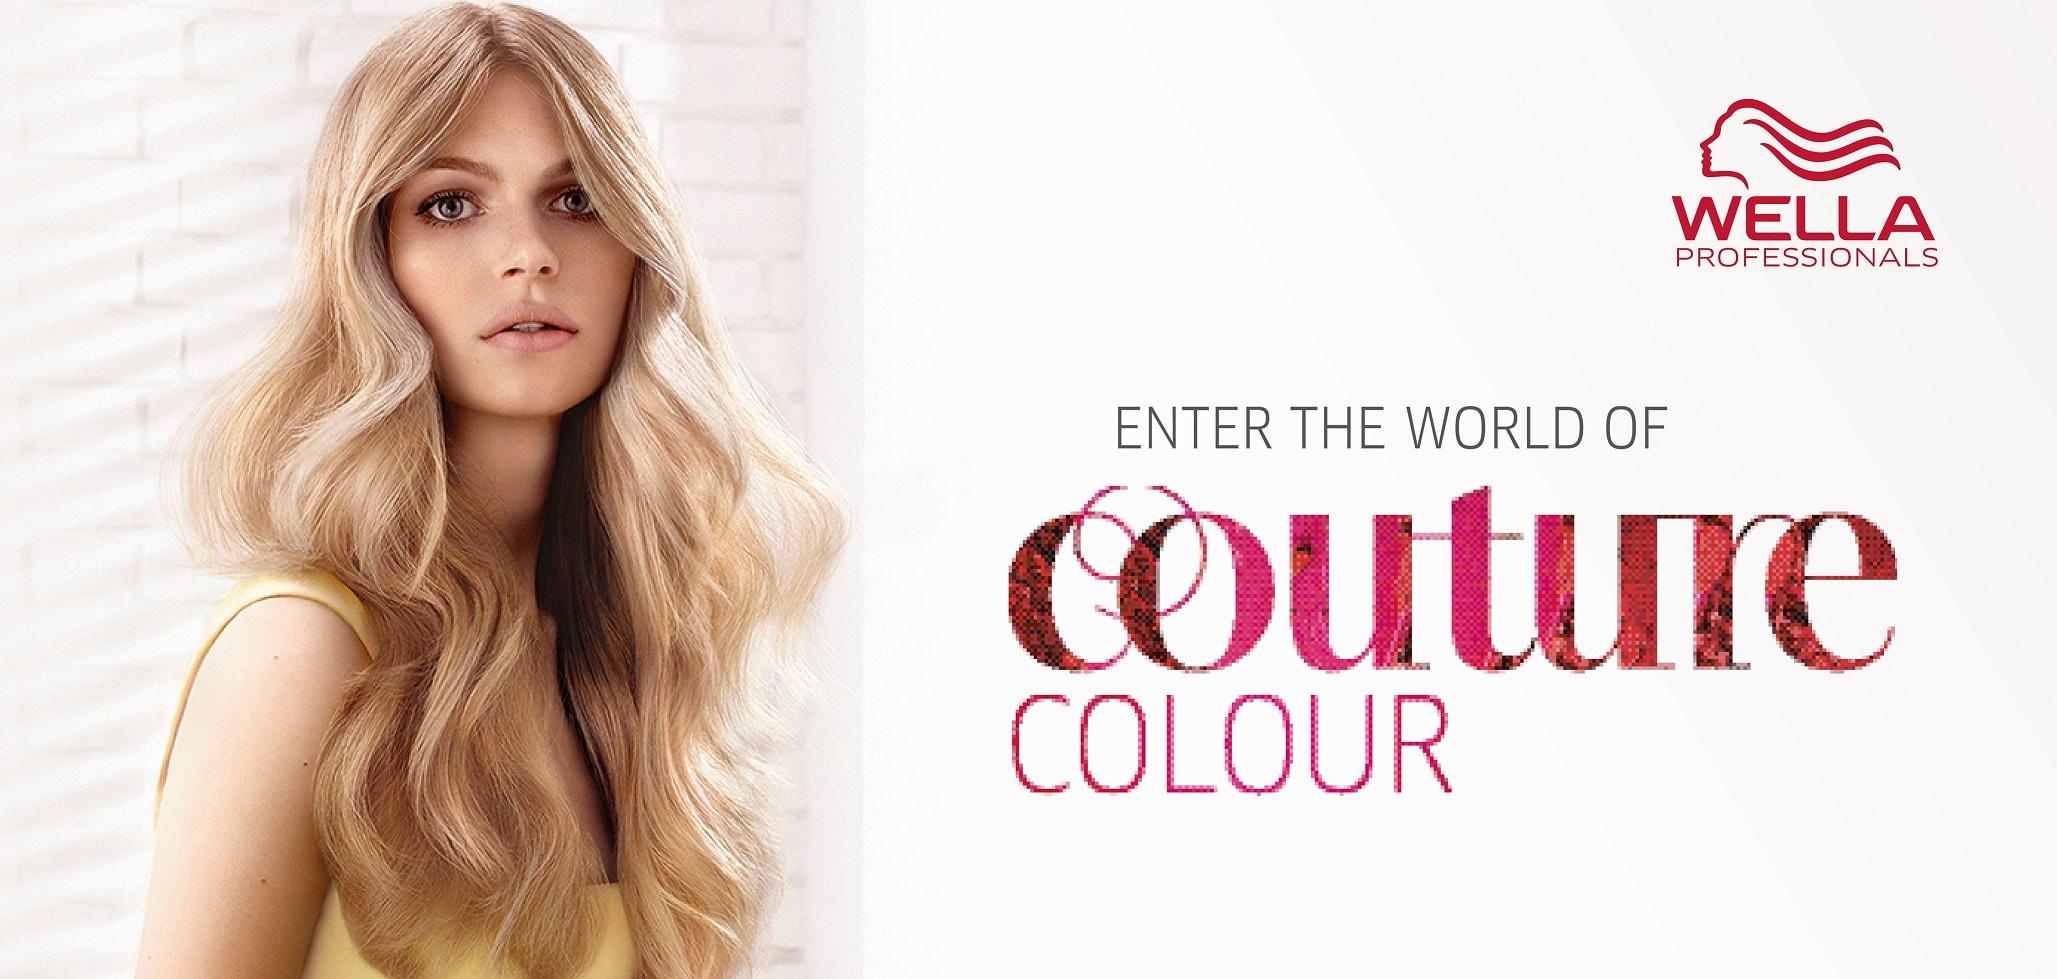 Couture-Colour-wella